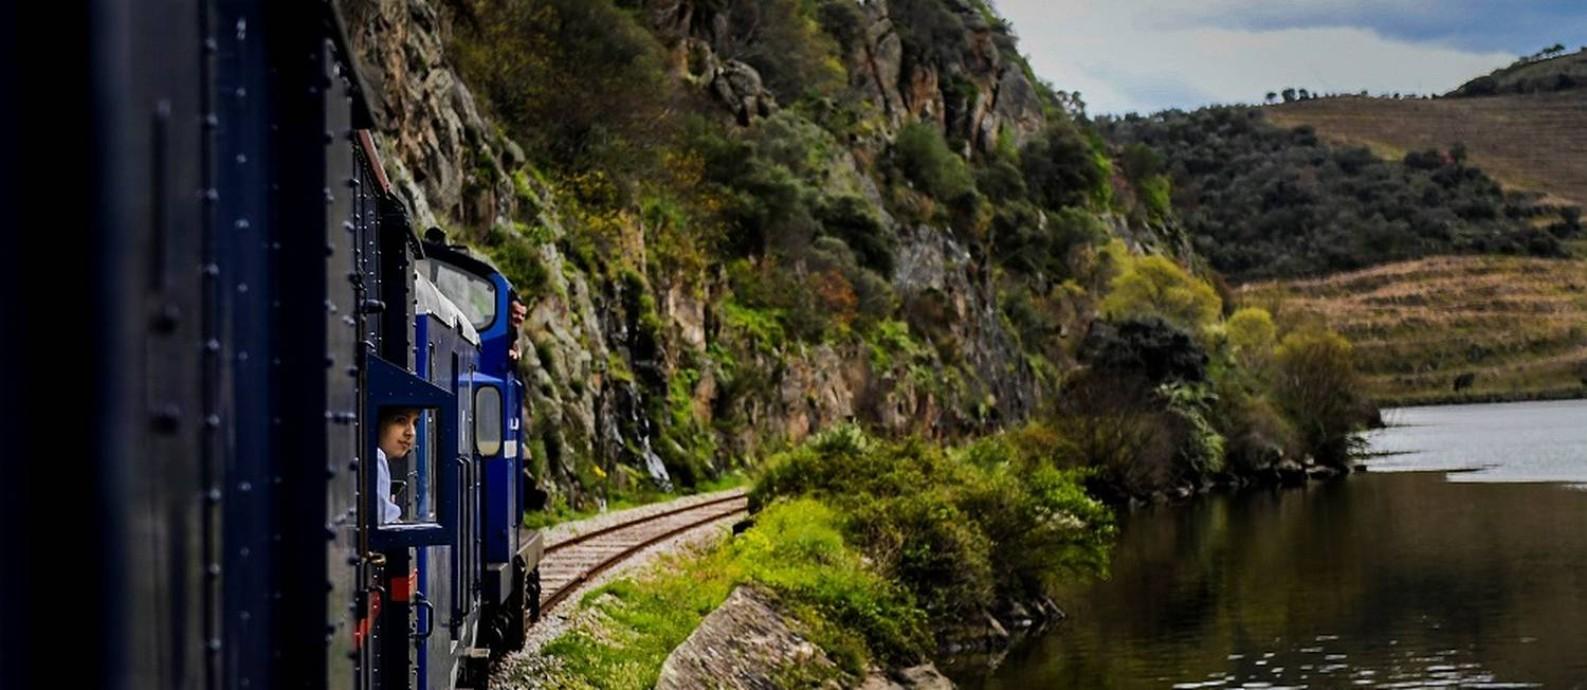 Passageiro observa a paisagem do Vale do Douro a bordo do Presidential Train, composição de luxo que faz viagens gastronômicas no norte de Portugal Foto: Patrícia de Melo Moreira / AFP